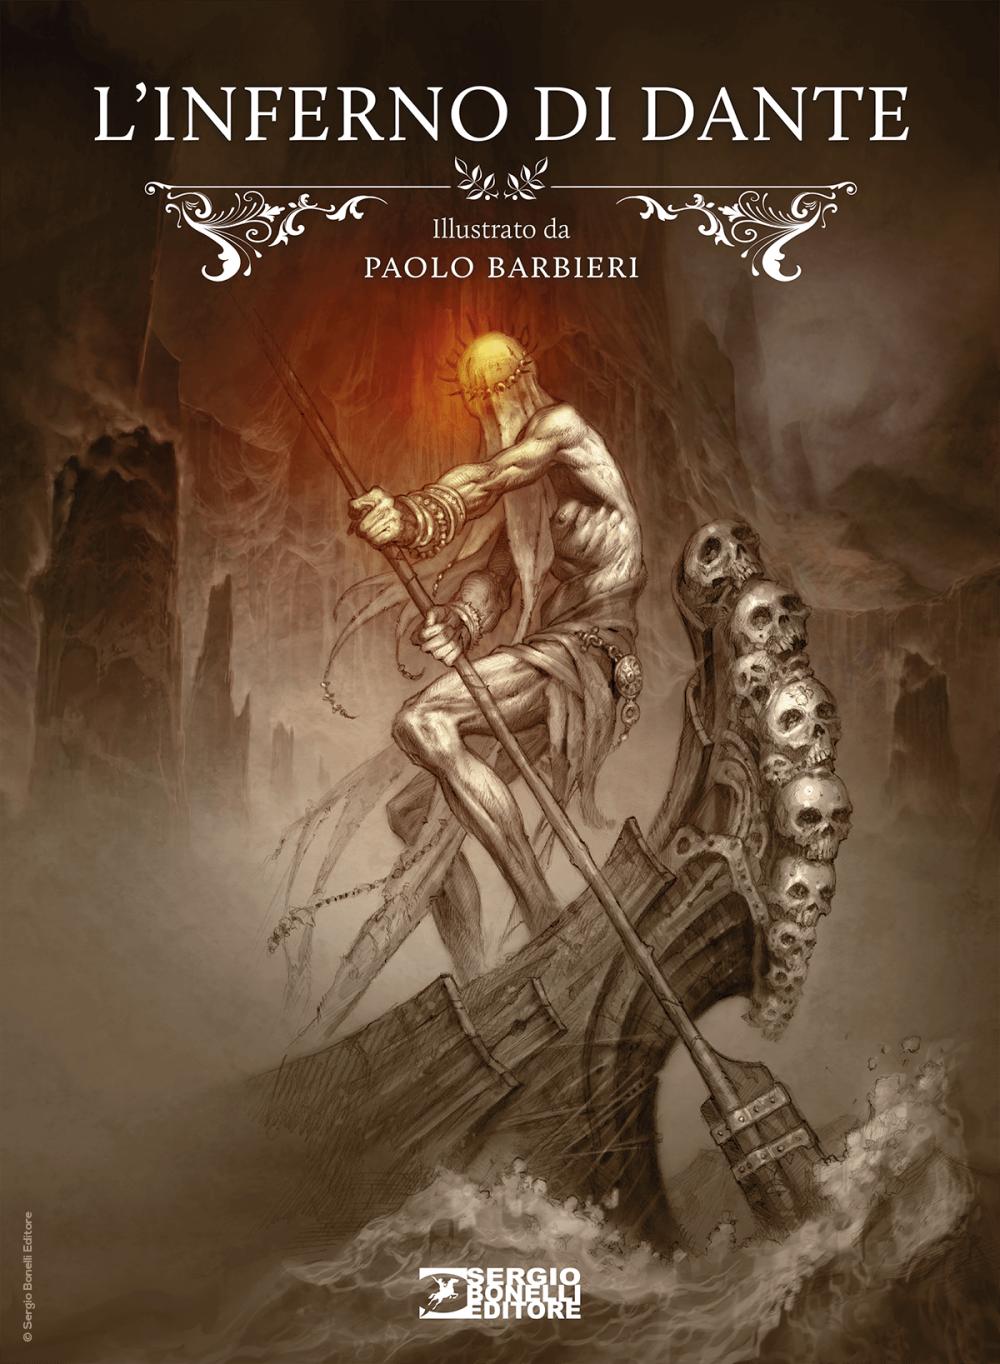 L'INFERNO DI DANTE illustrato da Paolo Barbieri, SERGIO BONELLI EDITORE